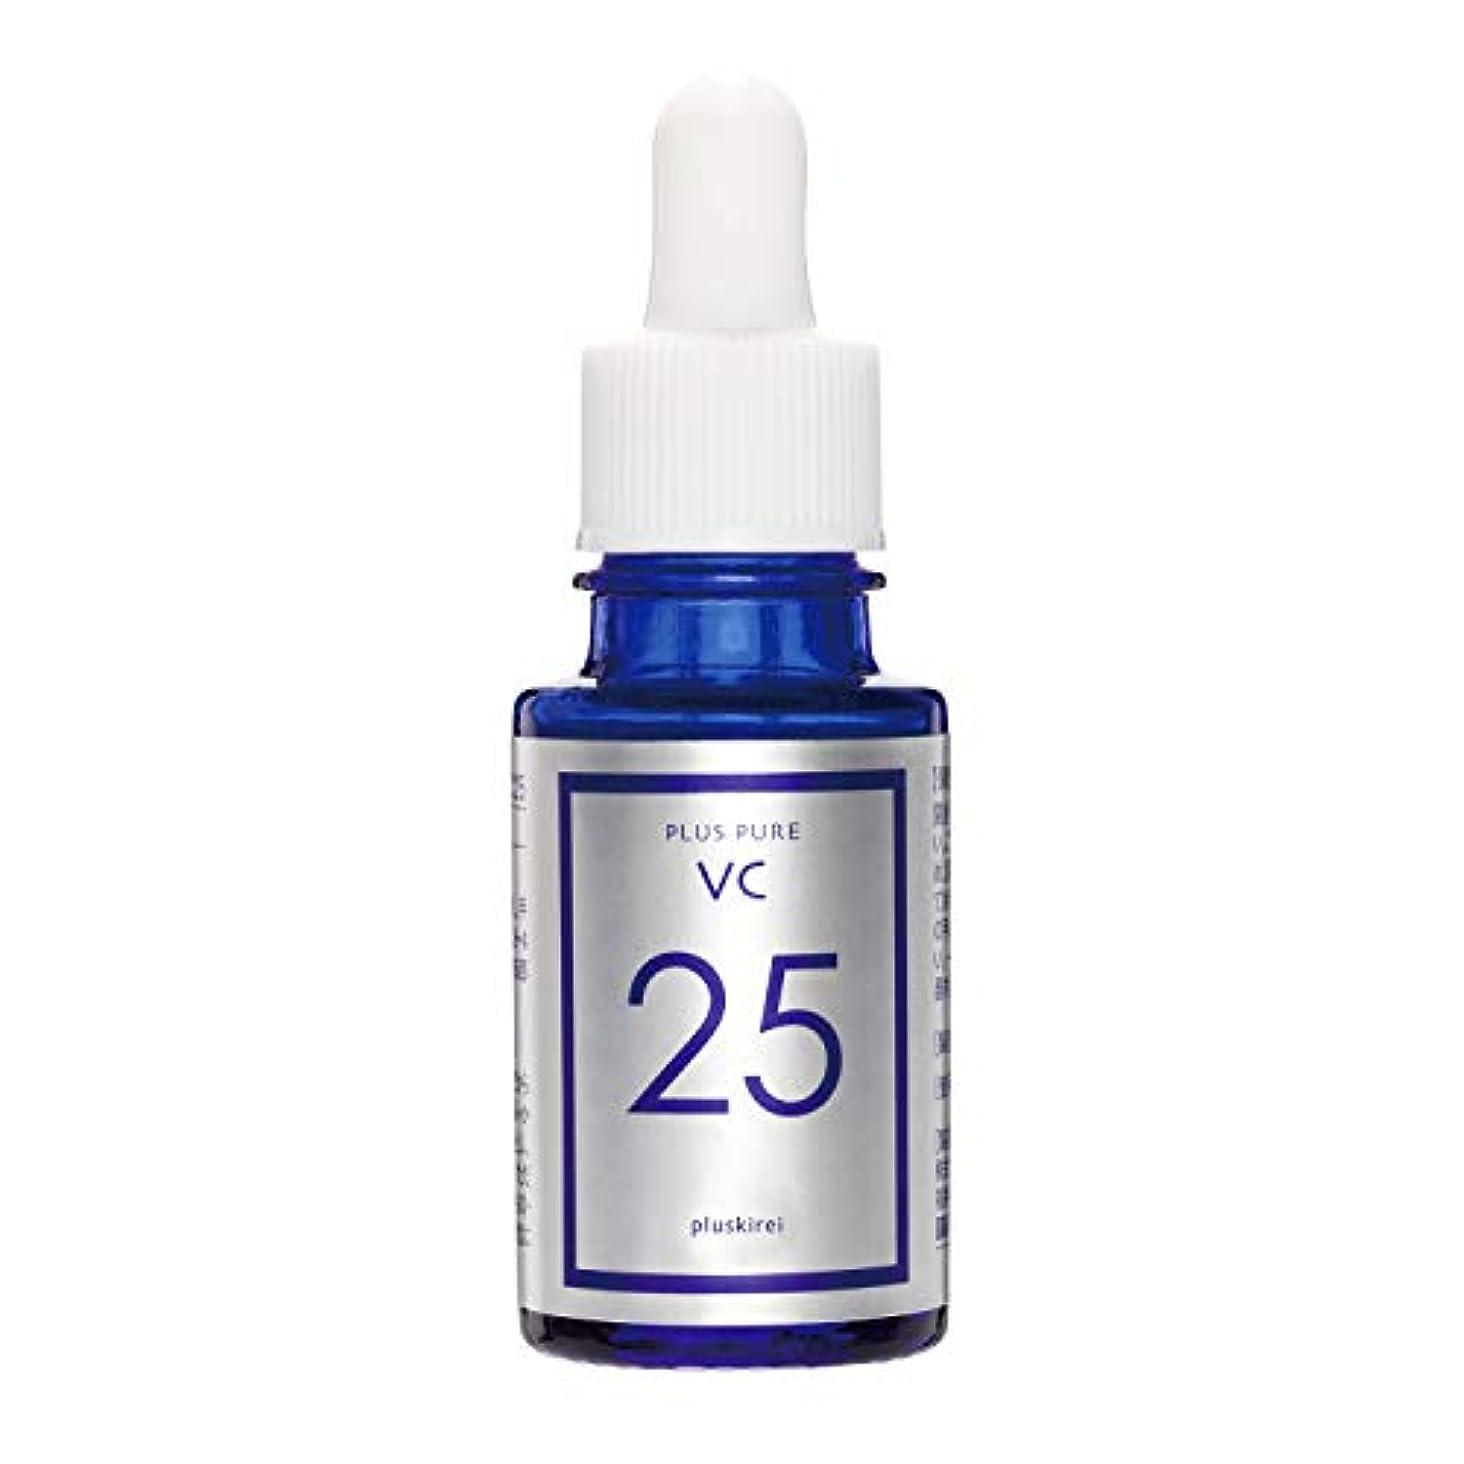 けがをするスポーツマン台無しにビタミンC 美容液 プラスキレイ プラスピュアVC25 ピュアビタミンC25%配合 両親媒性美容液 (10mL(約1ケ月分))